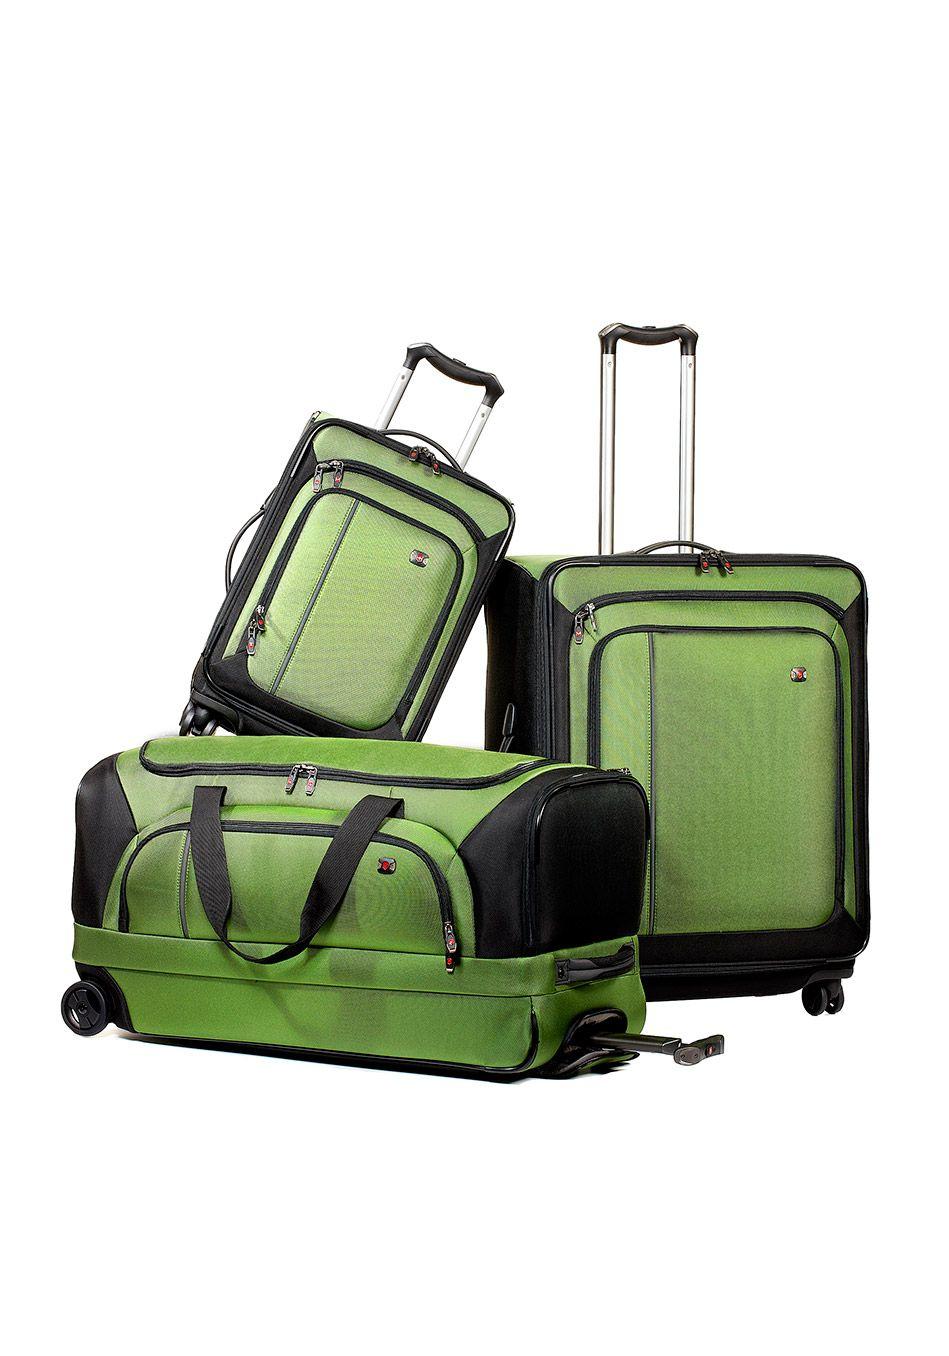 Swiss Army Luggage Set